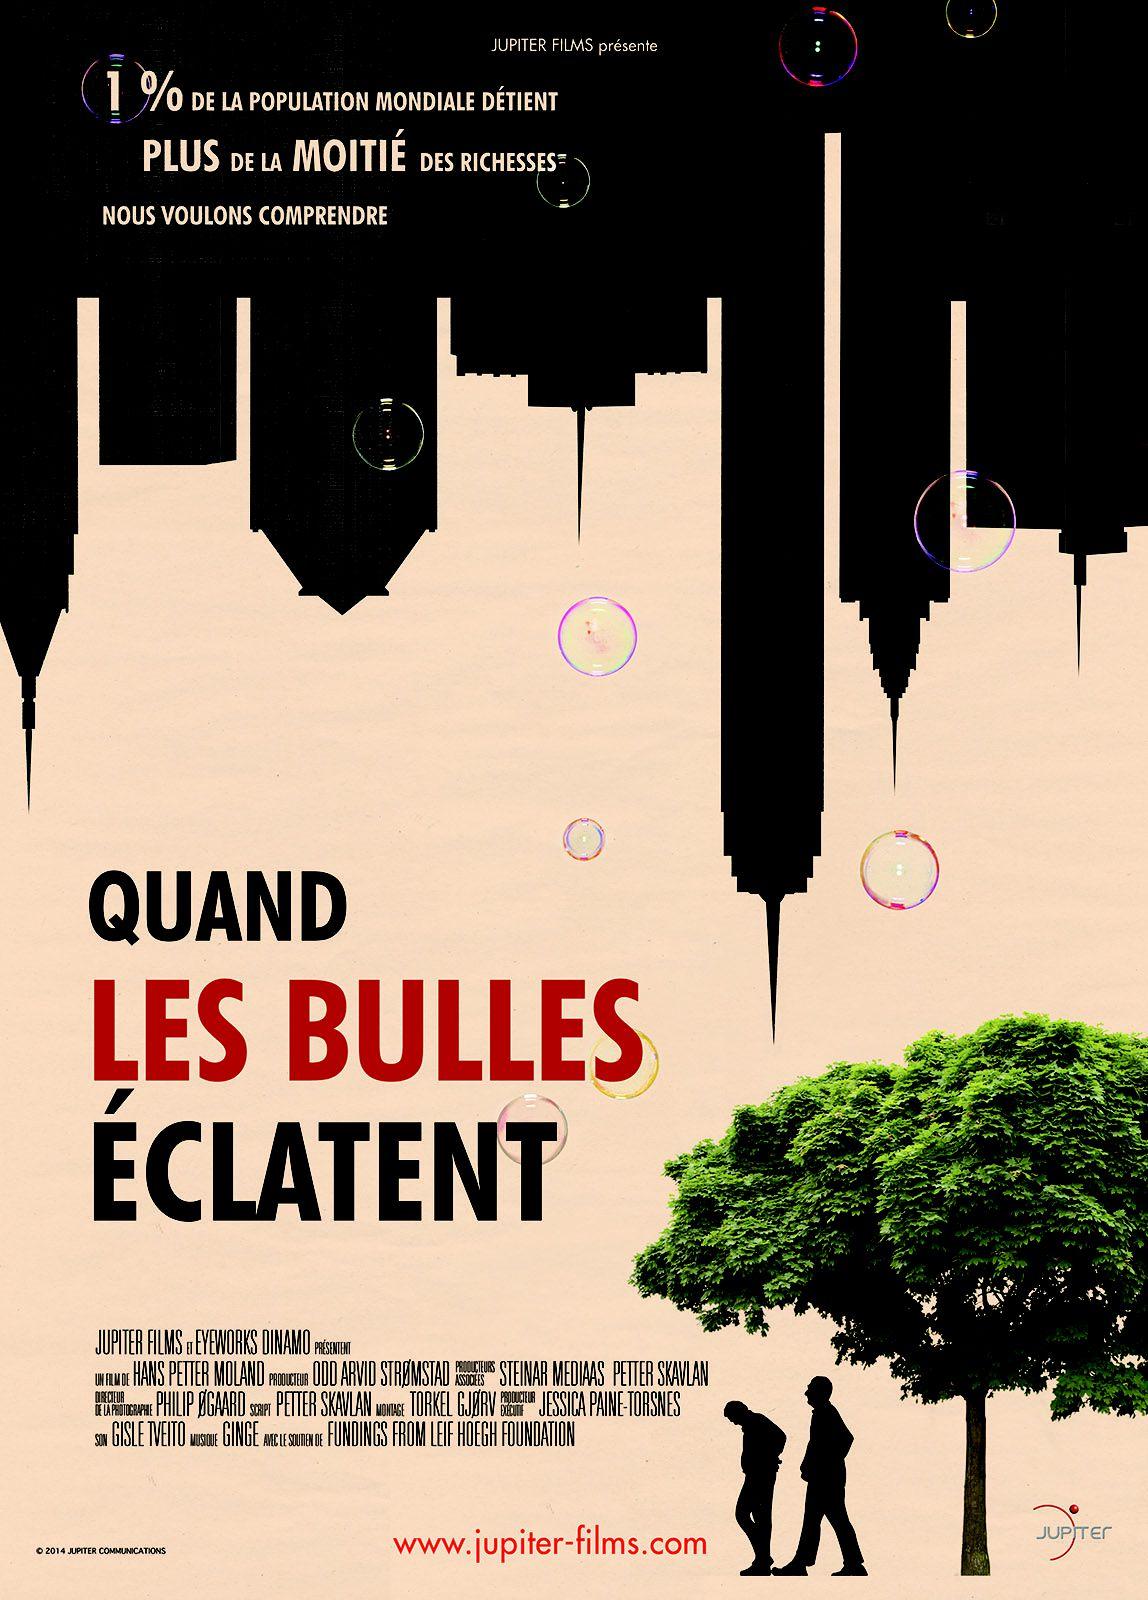 Quand les bulles éclatent - Documentaire (2012)